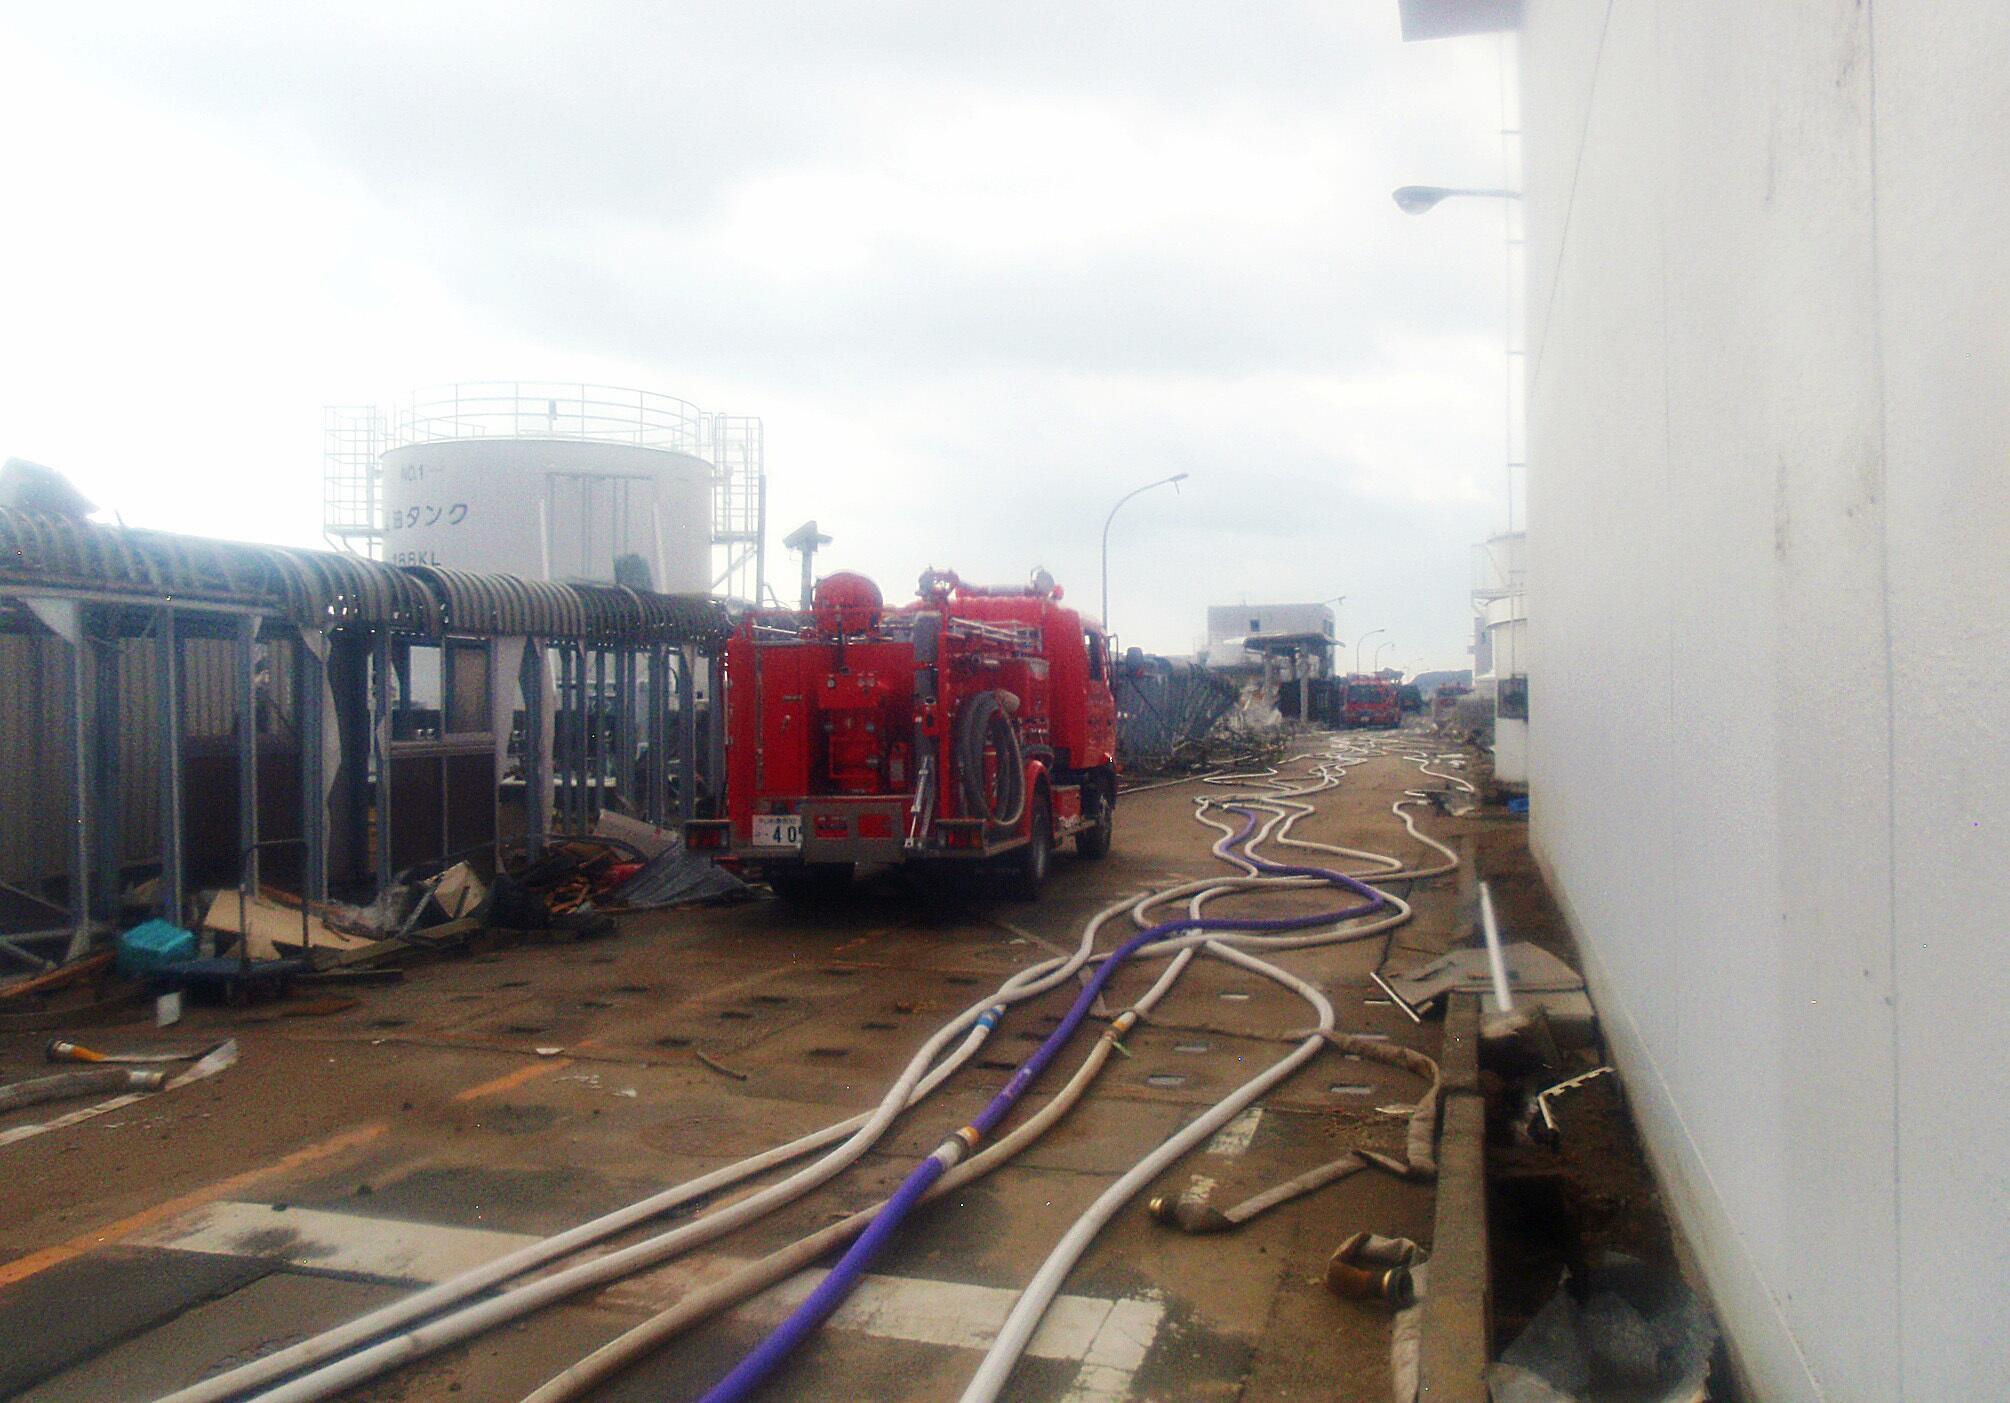 Xe chữa lửa chạy về phía lò phản ứng số 3 tại Trung tâm hạt nhân Fukushima ngày 23/03/2011.